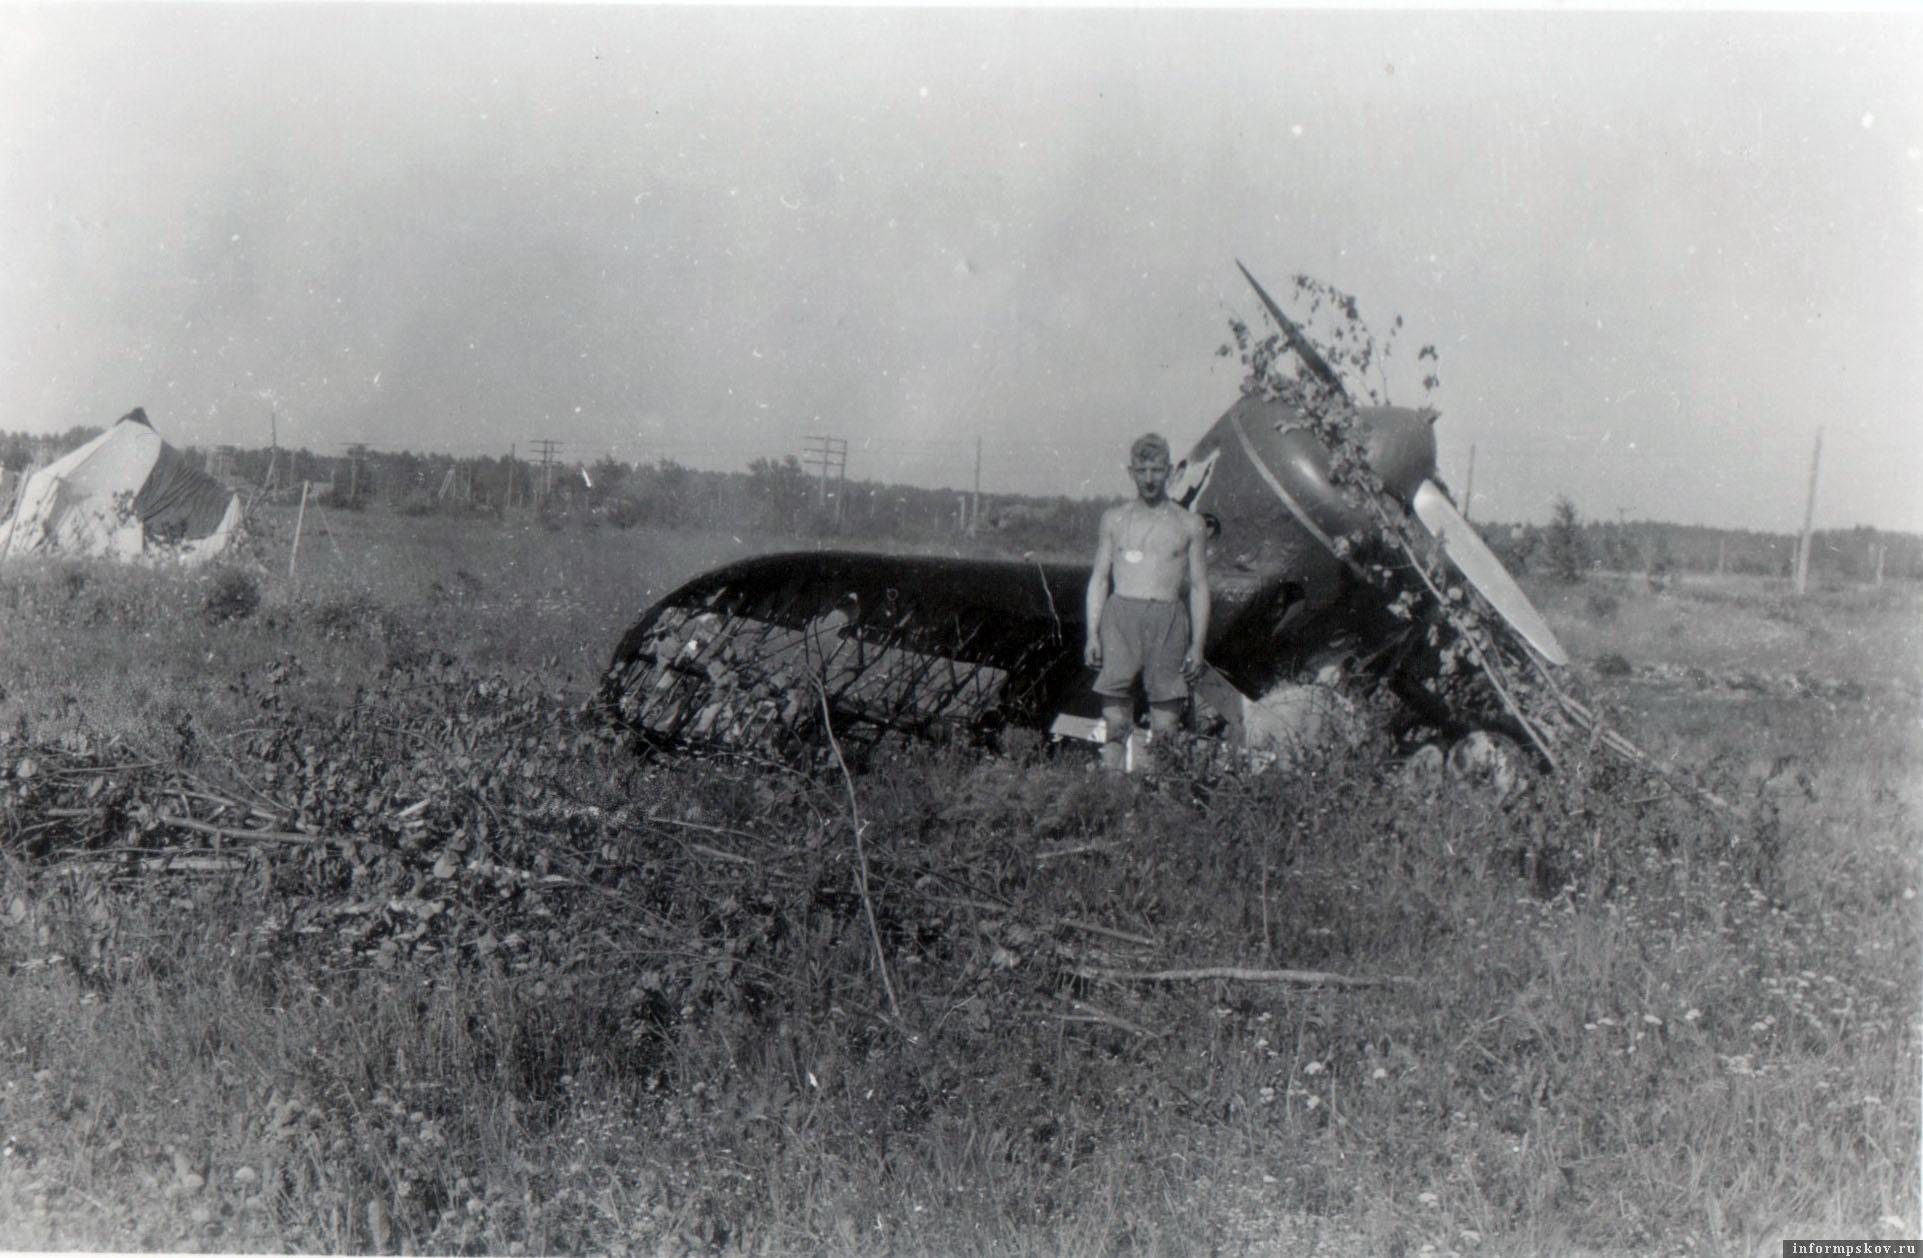 Рядом с предыдущим самолетом на аэродроме находился еще один И-16 тип 5, практически полностью сгоревший. Предположительно тоже из 31-го ИАП.